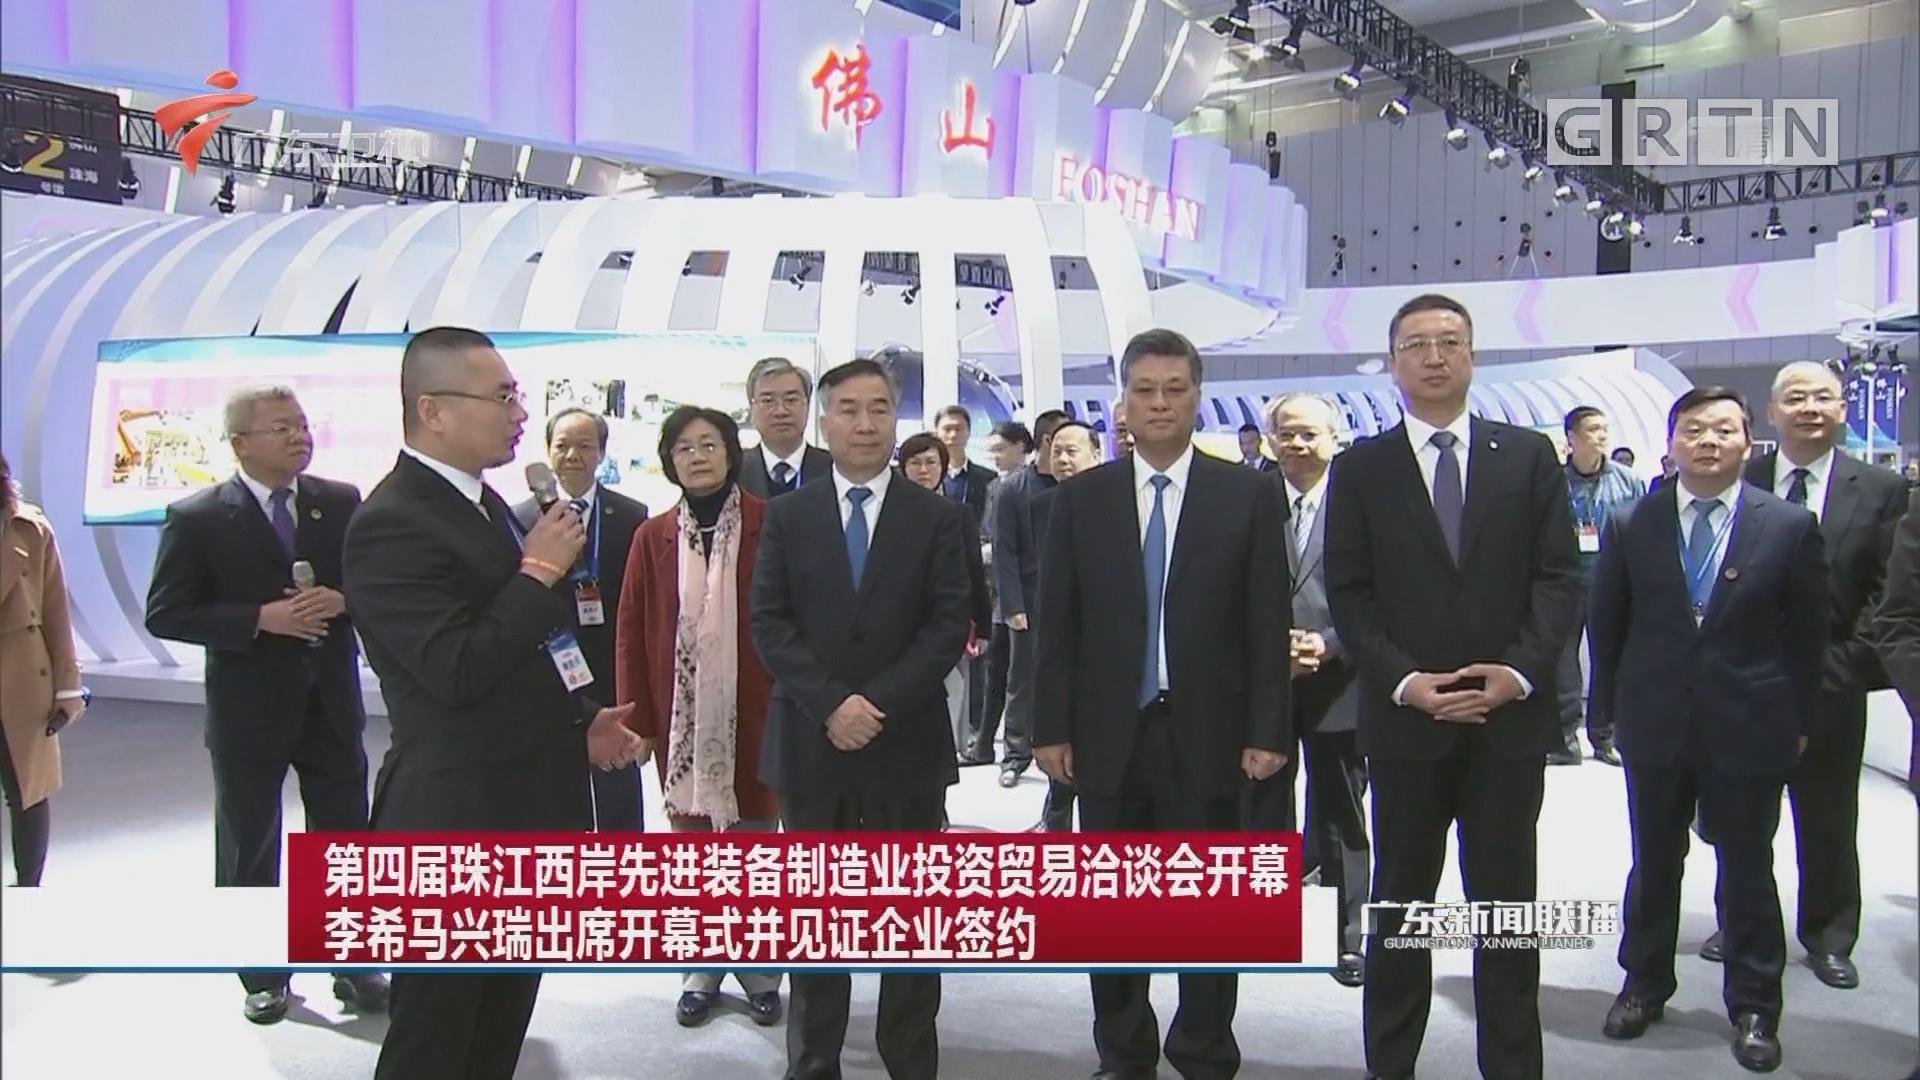 第四届珠江西岸先进装备制造业投资贸易洽谈会开幕 李希马兴瑞出席开幕式并见证企业签约